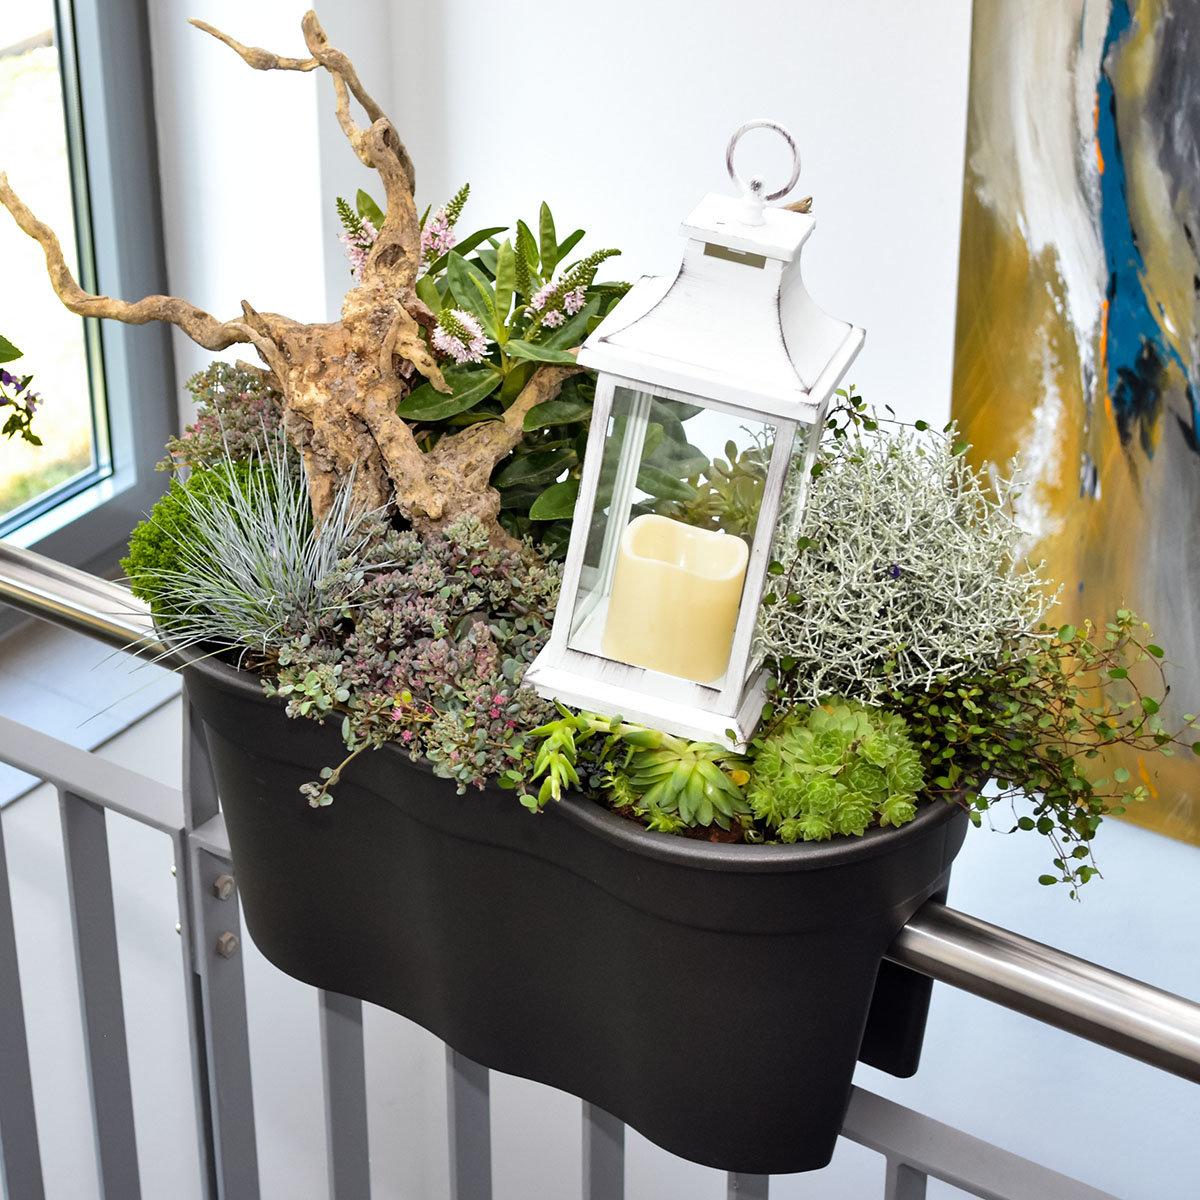 Geländertopf Flowerclip, 57,5 x 27,7 x 27 cm, anthrazit | #2